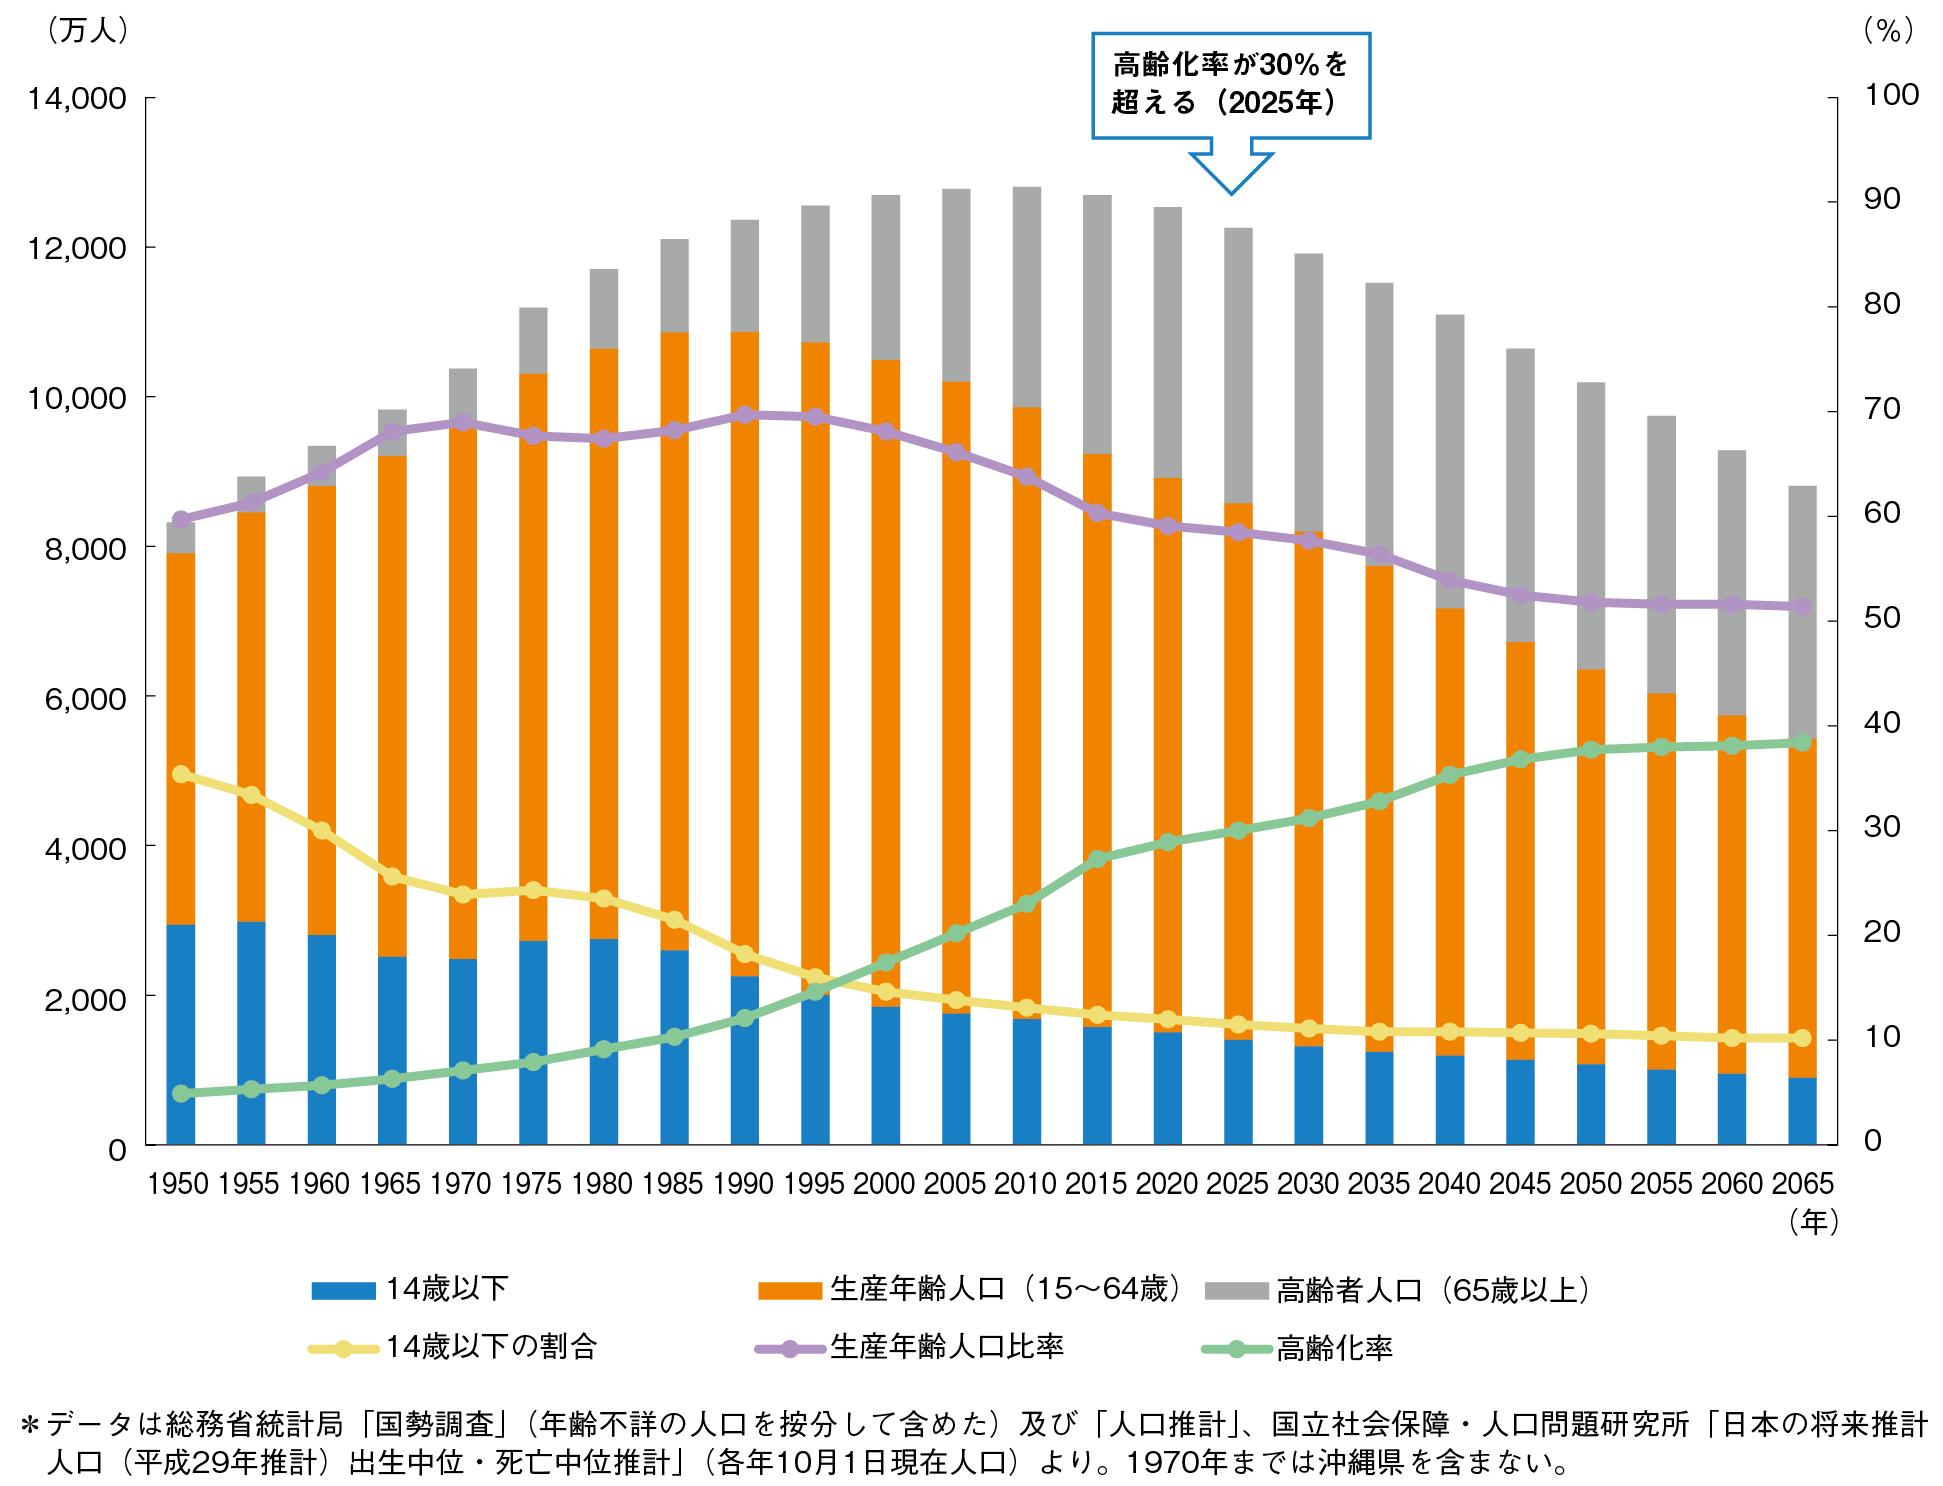 図1-2-4 日本の人口推移予測 (出所:「平成29年版厚生労働白書」を基に筆者が作成)